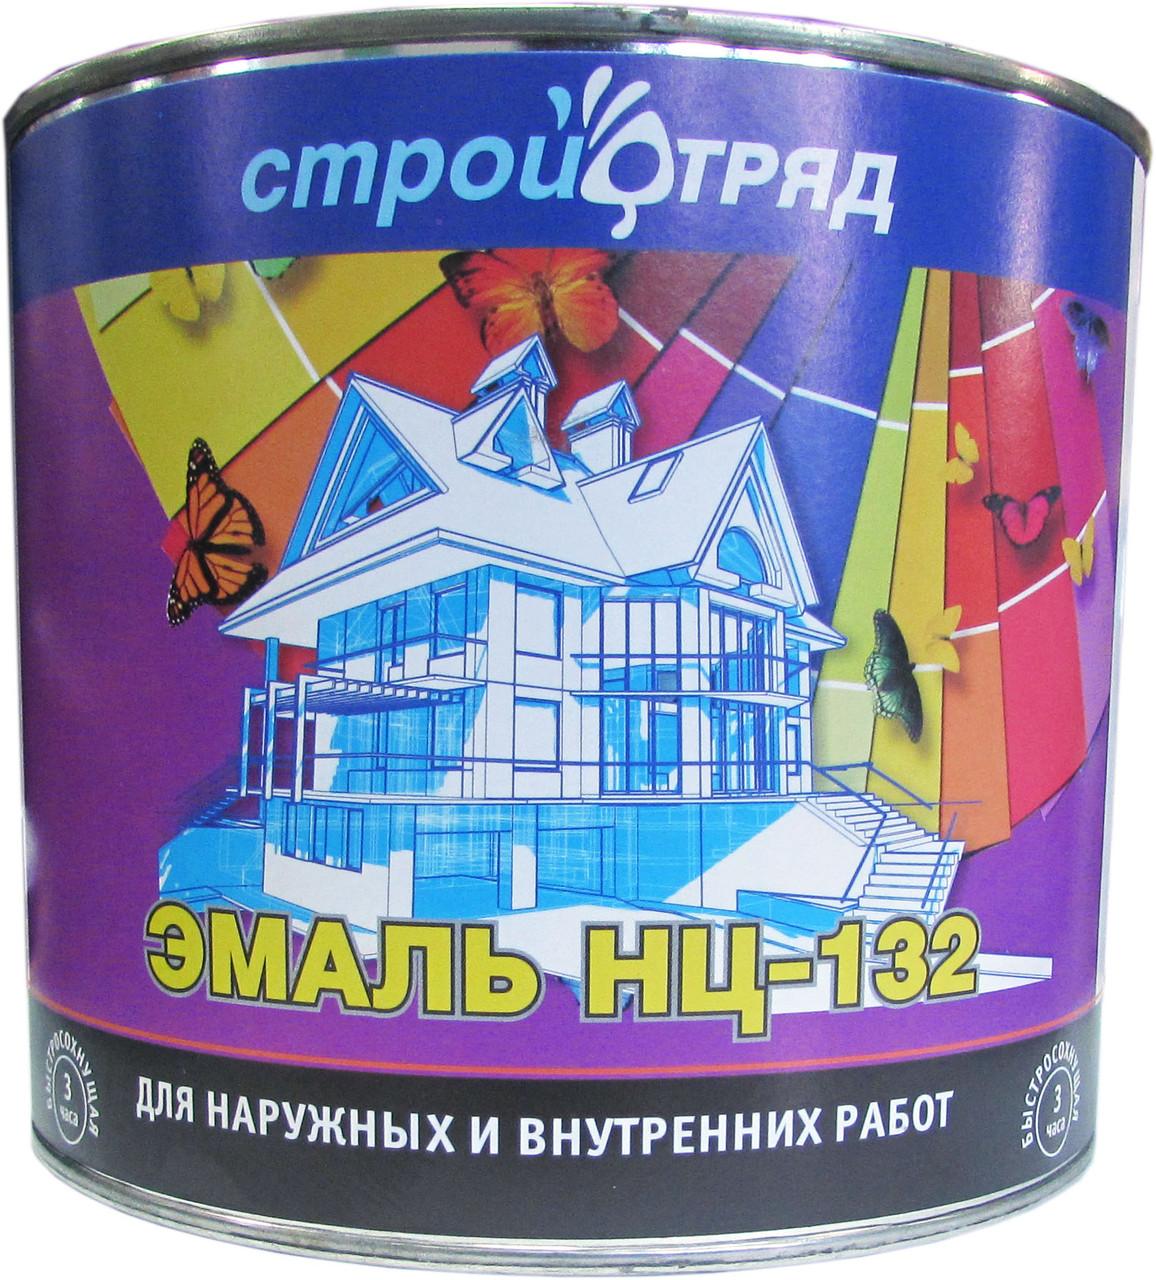 ЭМАЛЬ НЦ-132 коричневая 17 кг